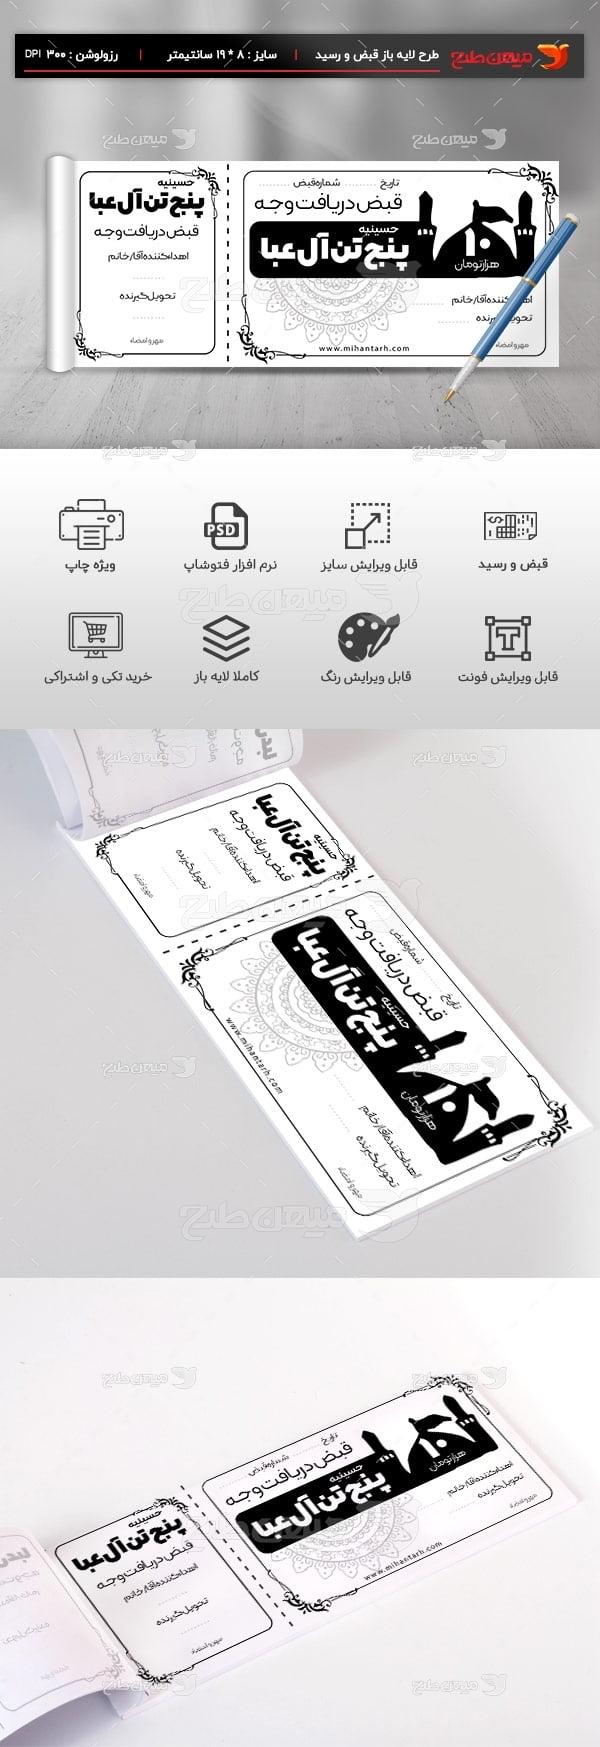 طرح لایه باز رسید کمک به حسینیه